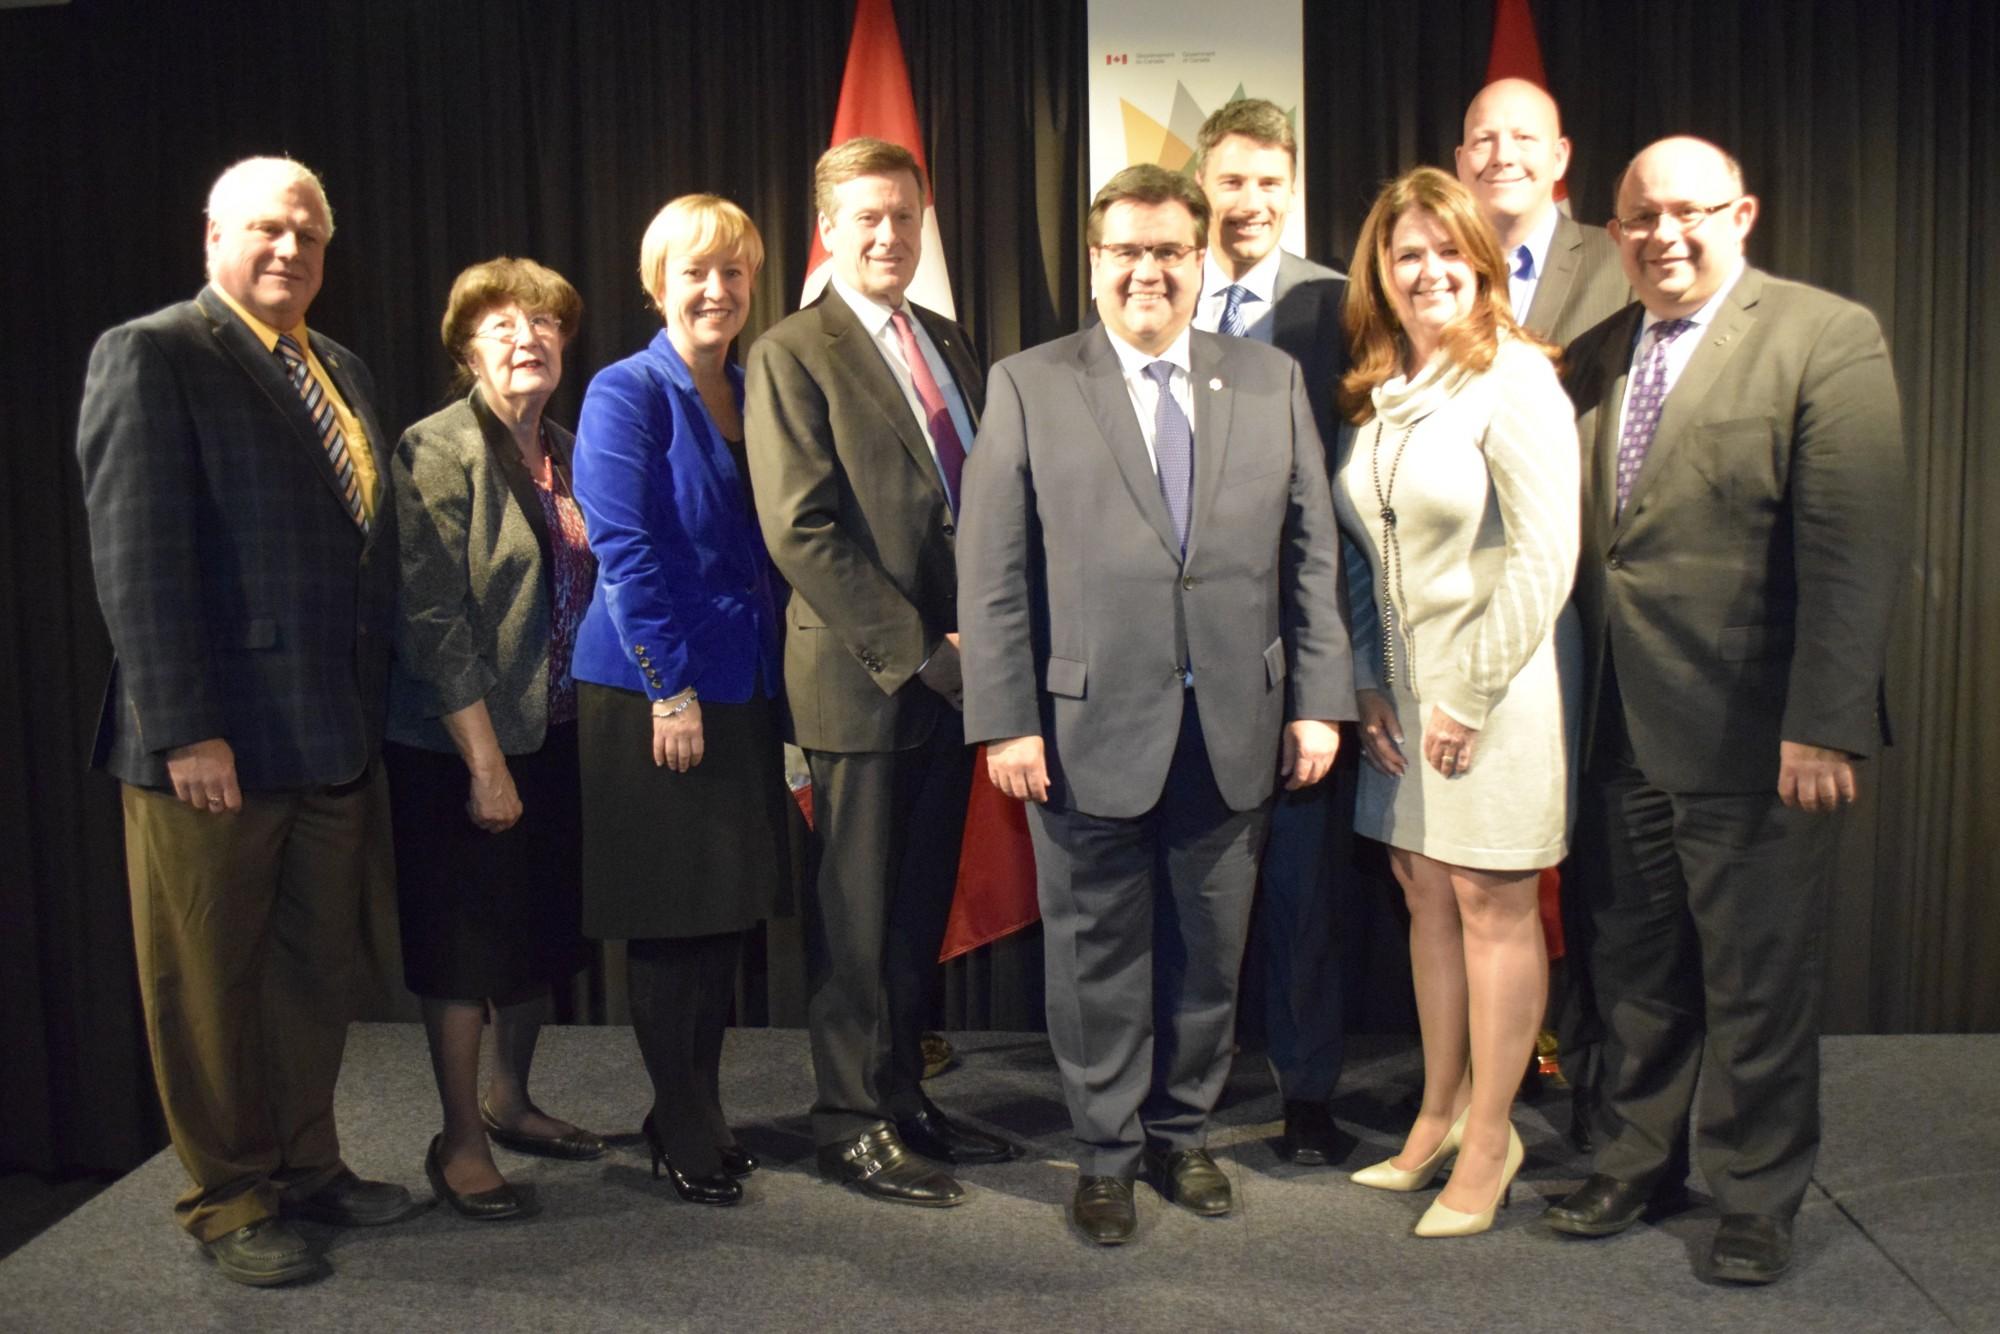 Les maires et les représentants de Montréal, Toronto, Vancouver, Longueuil, Sainte-Julie, Kitchener, Bromont, Halton Hills et Port Coquitlam.